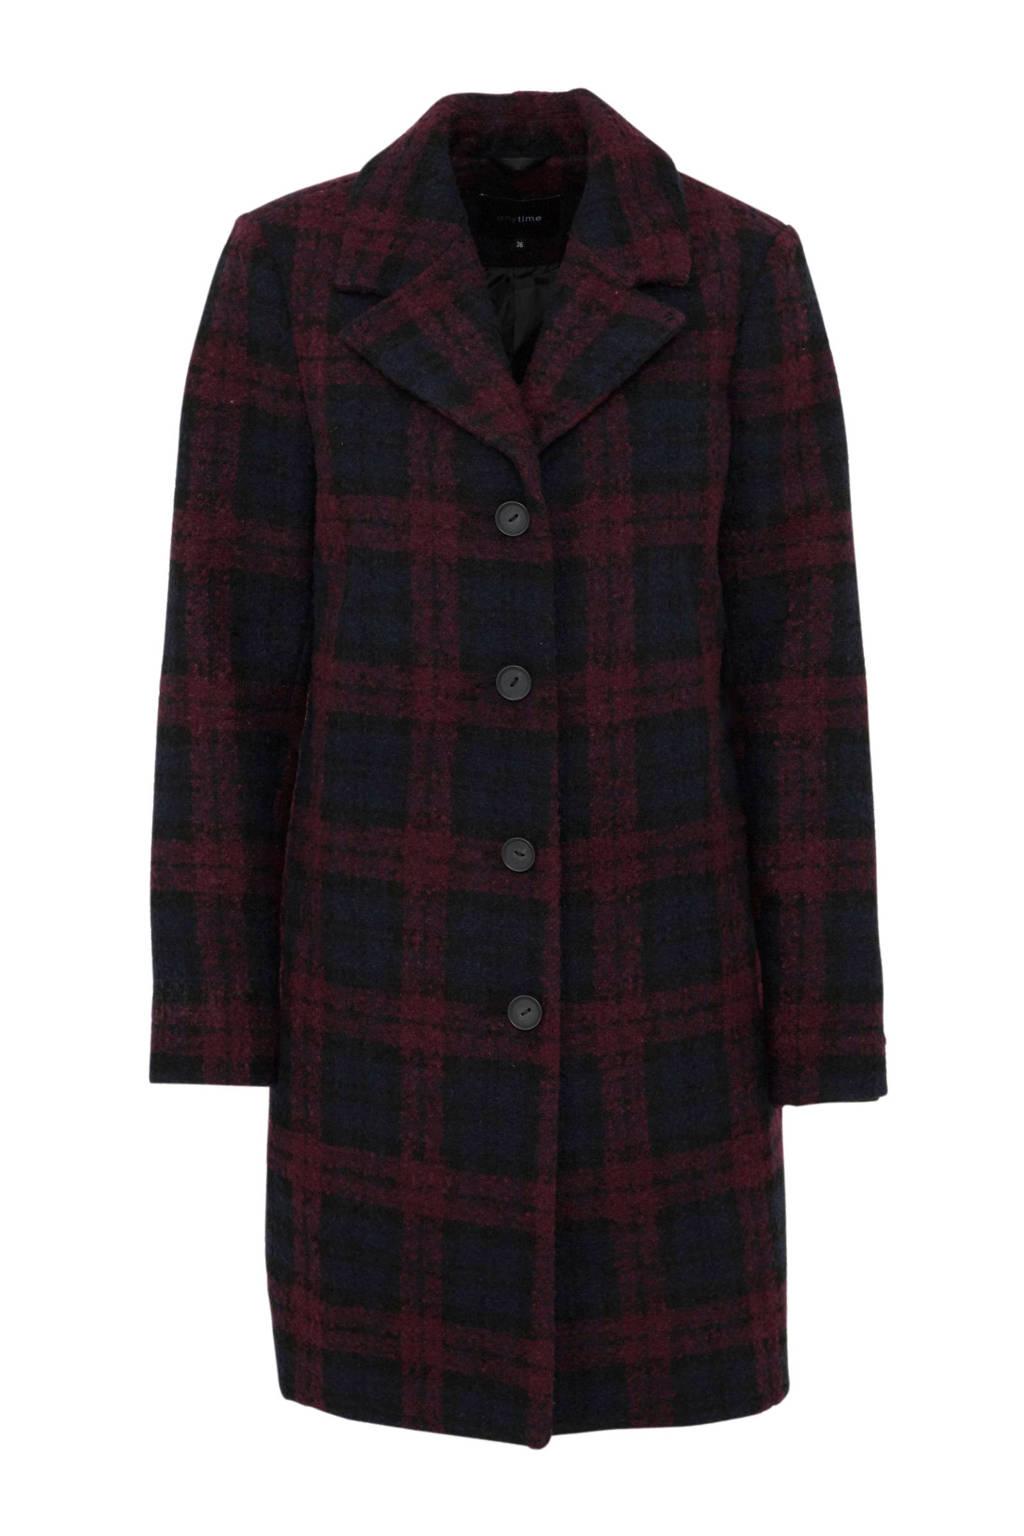 anytime geruite coat donkerrood/donkerblauw, Donkerrood/donkerblauw